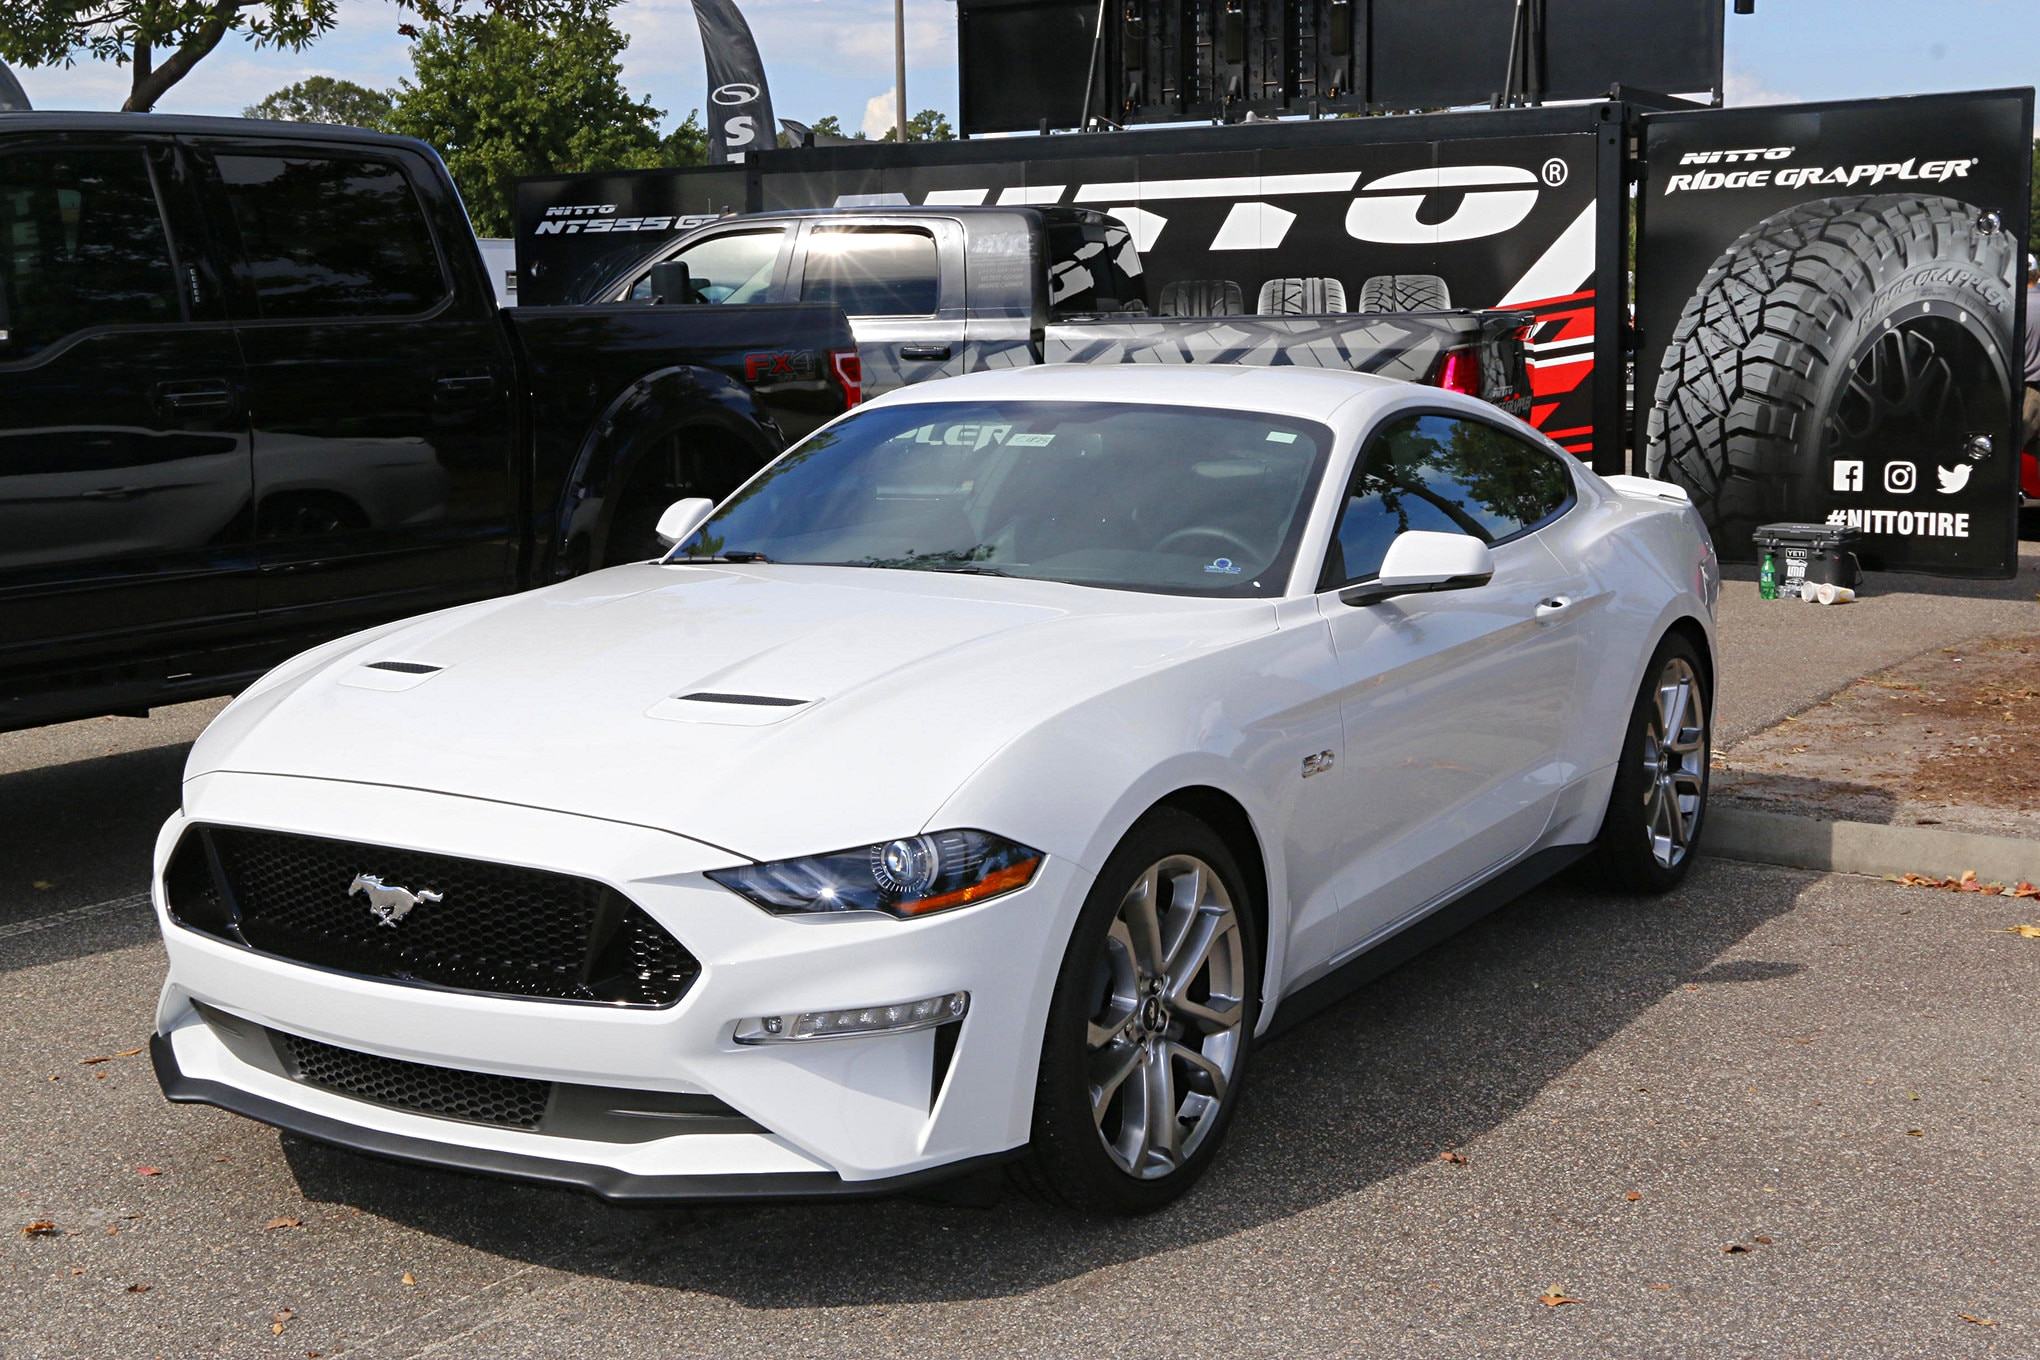 099 2018 Mustang Week S550 Mustangs